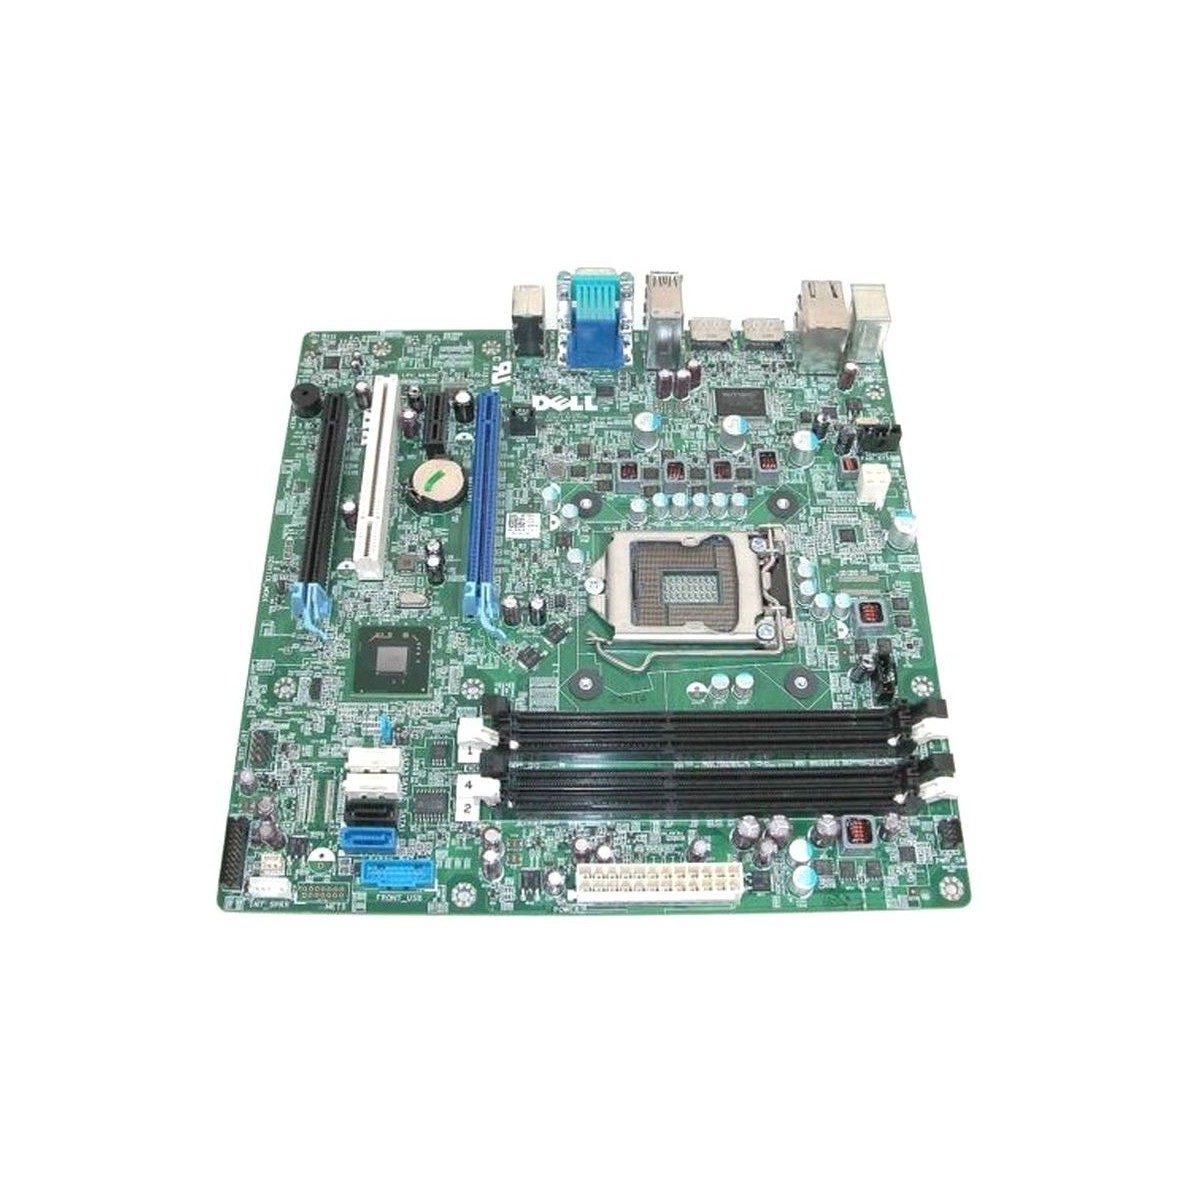 DYSK WD RE4 WD2002FYPS 2TB SATA 3G 7.2K 3,5